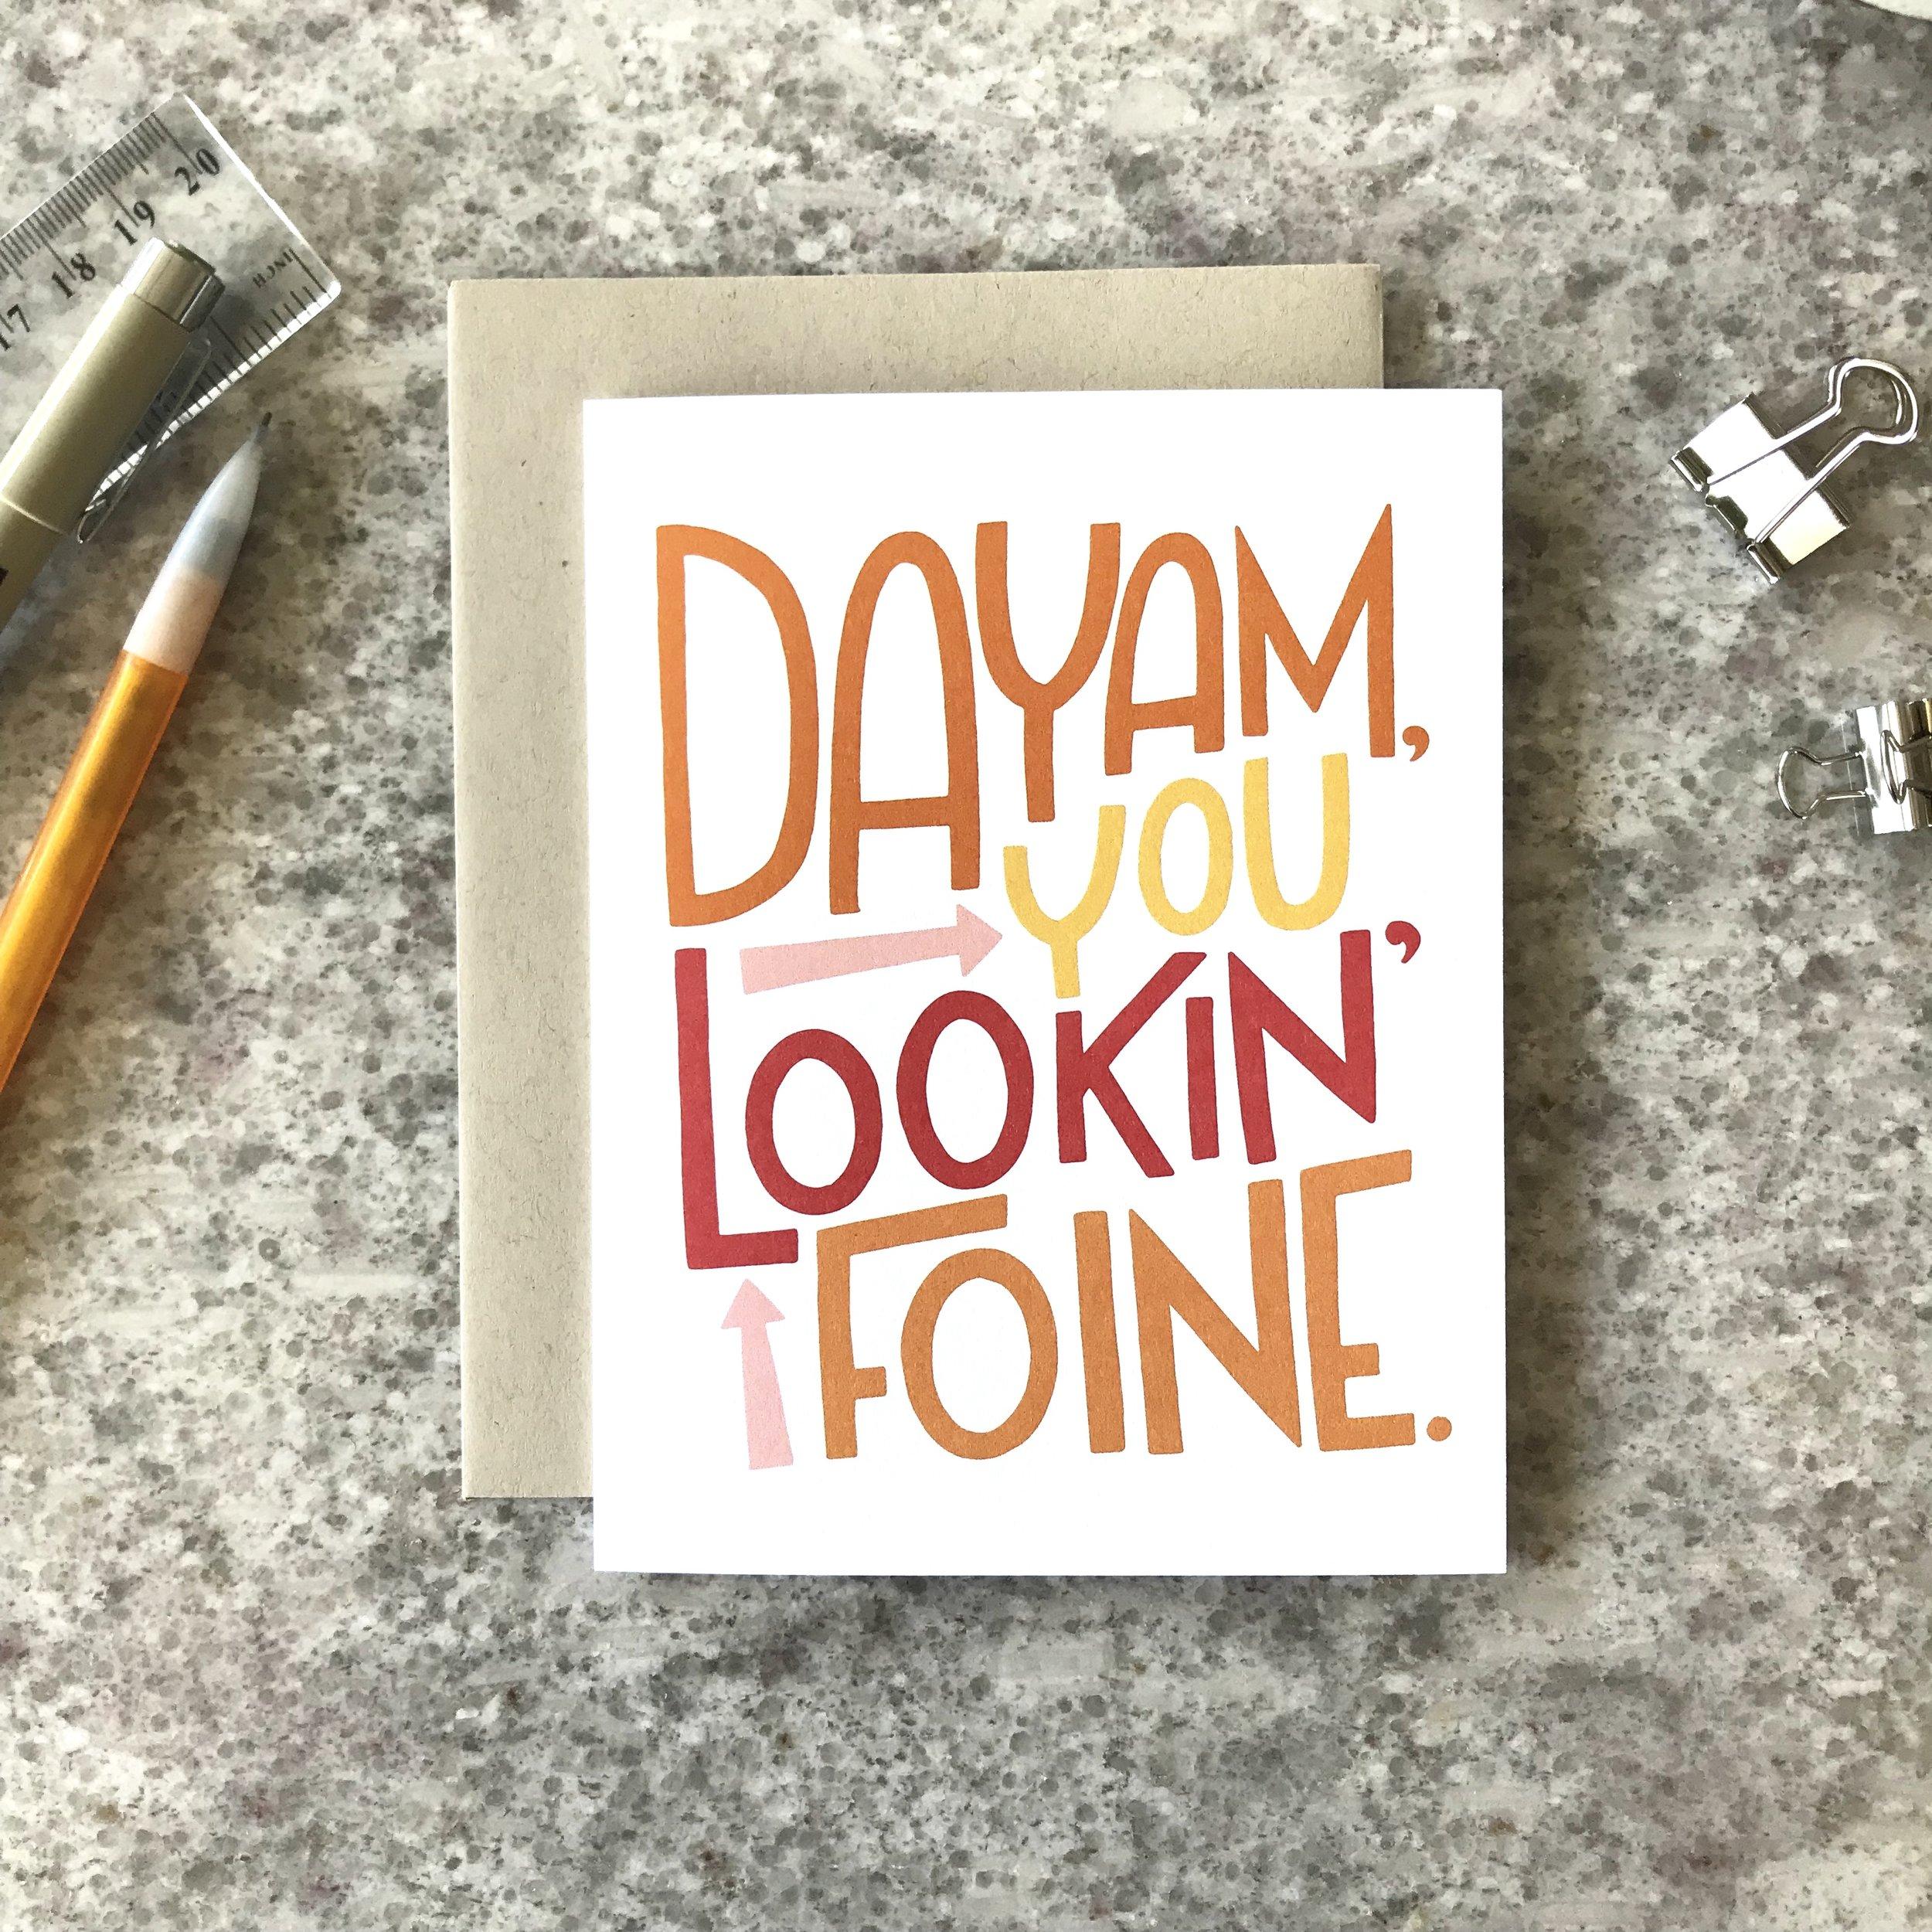 Lookin' Foine 2.jpg